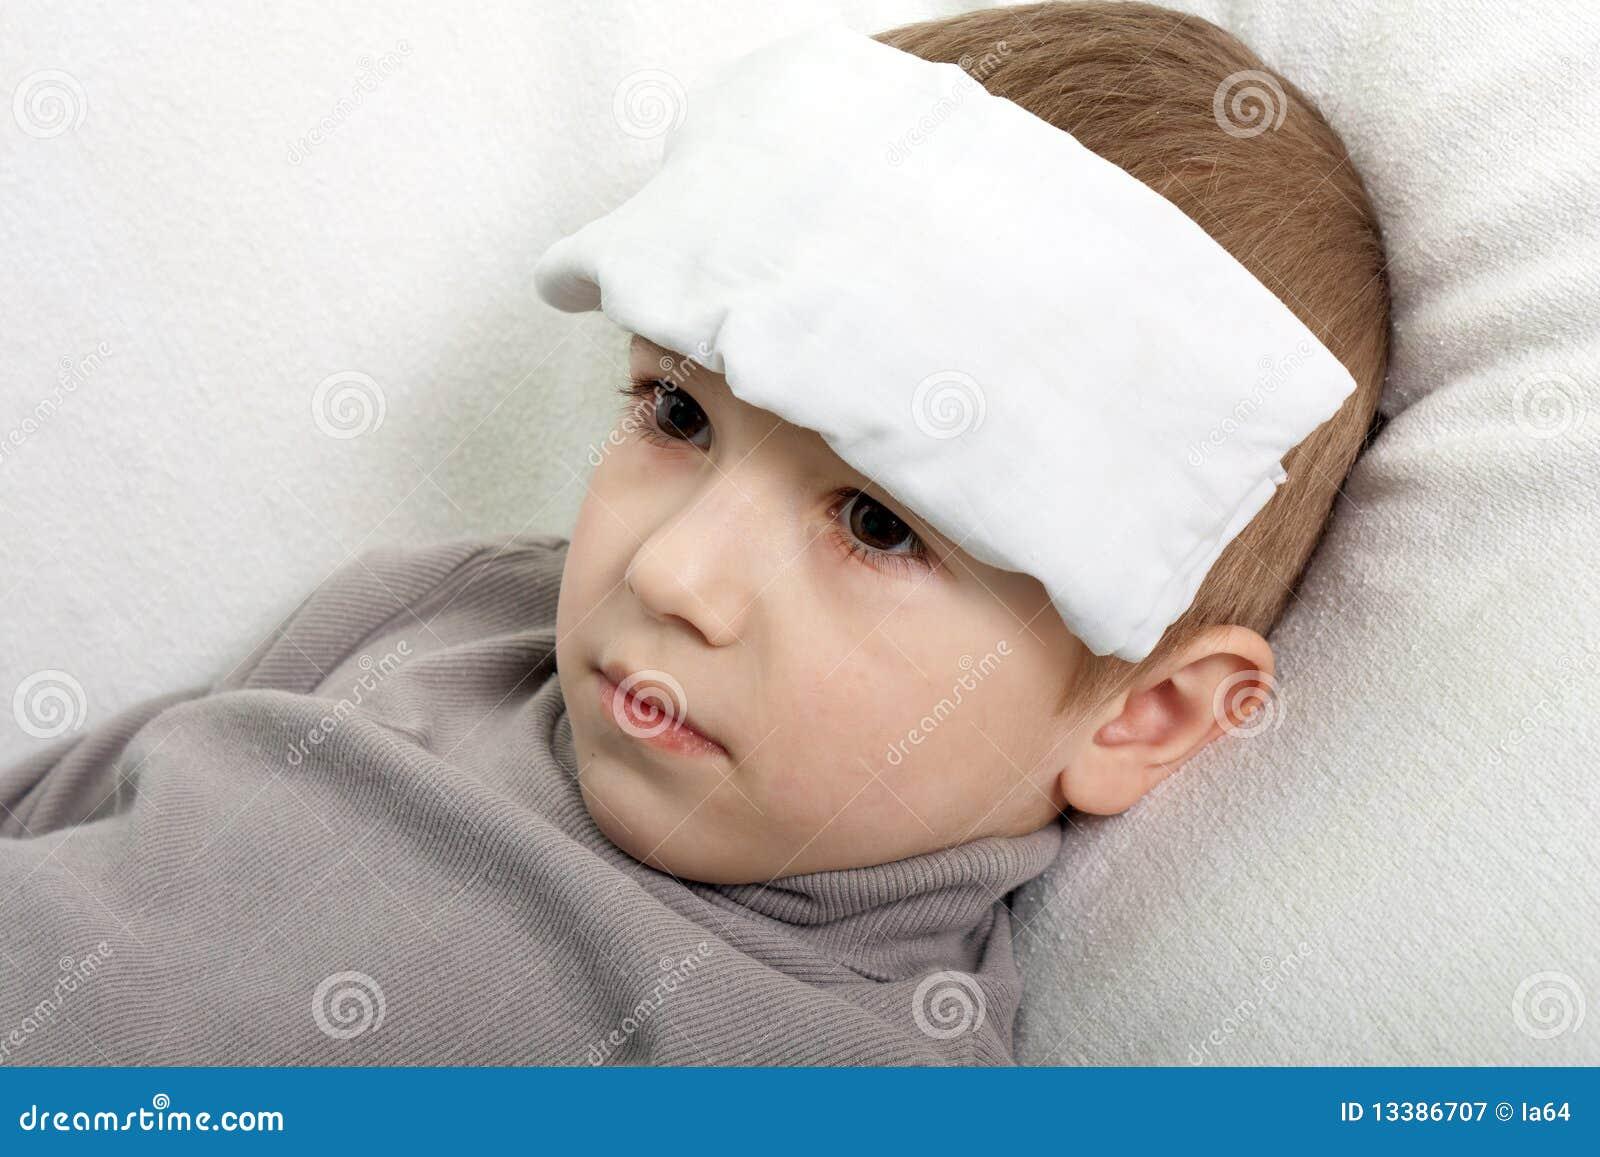 Child Fever Stock Image  Image Of Childhood  Lifestyle